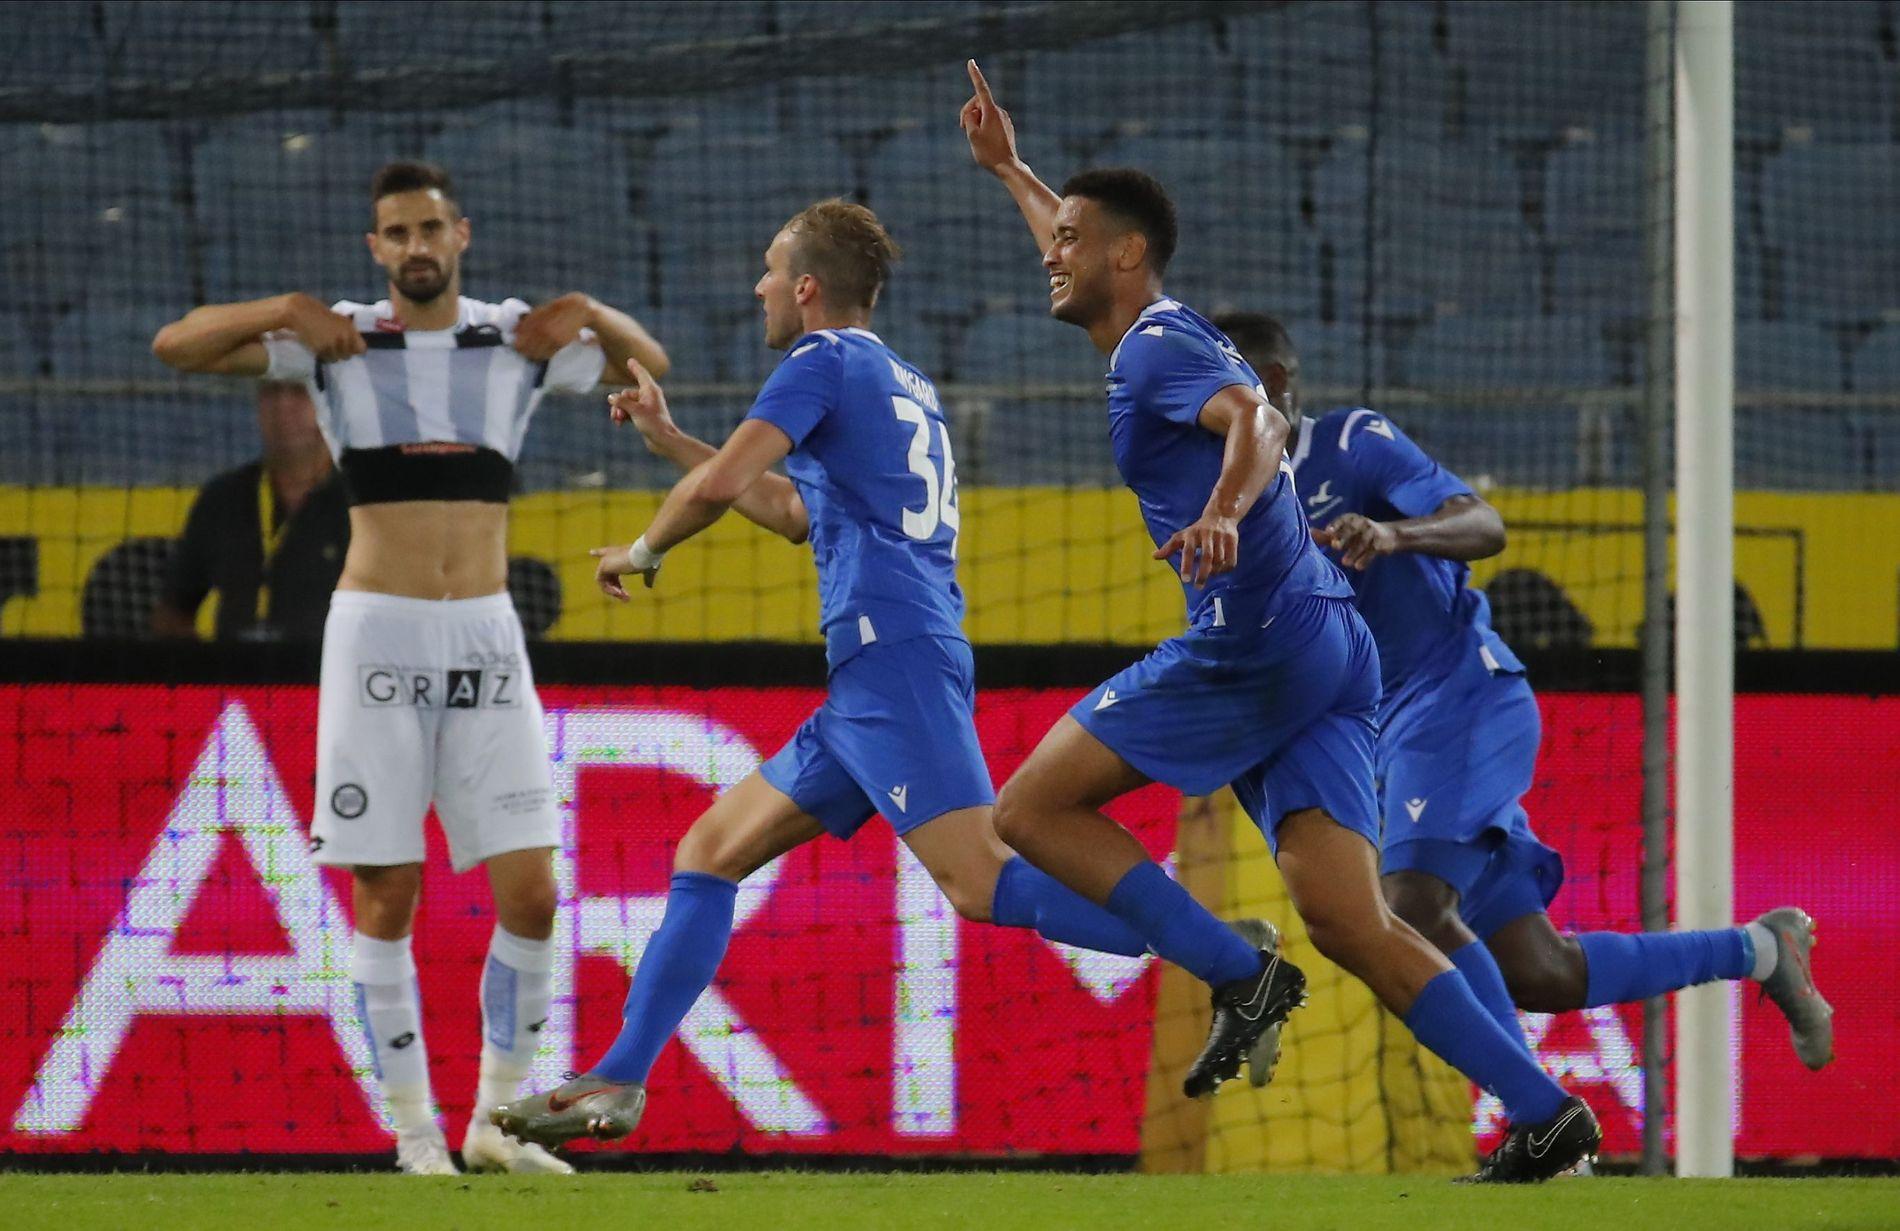 JUBEL: Kevin Krygård (t.v) og Bruno Leite (i midten) feirer den avgjørende scoringen som sendte Haugesund videre i Europa League-kvalifiseringen.